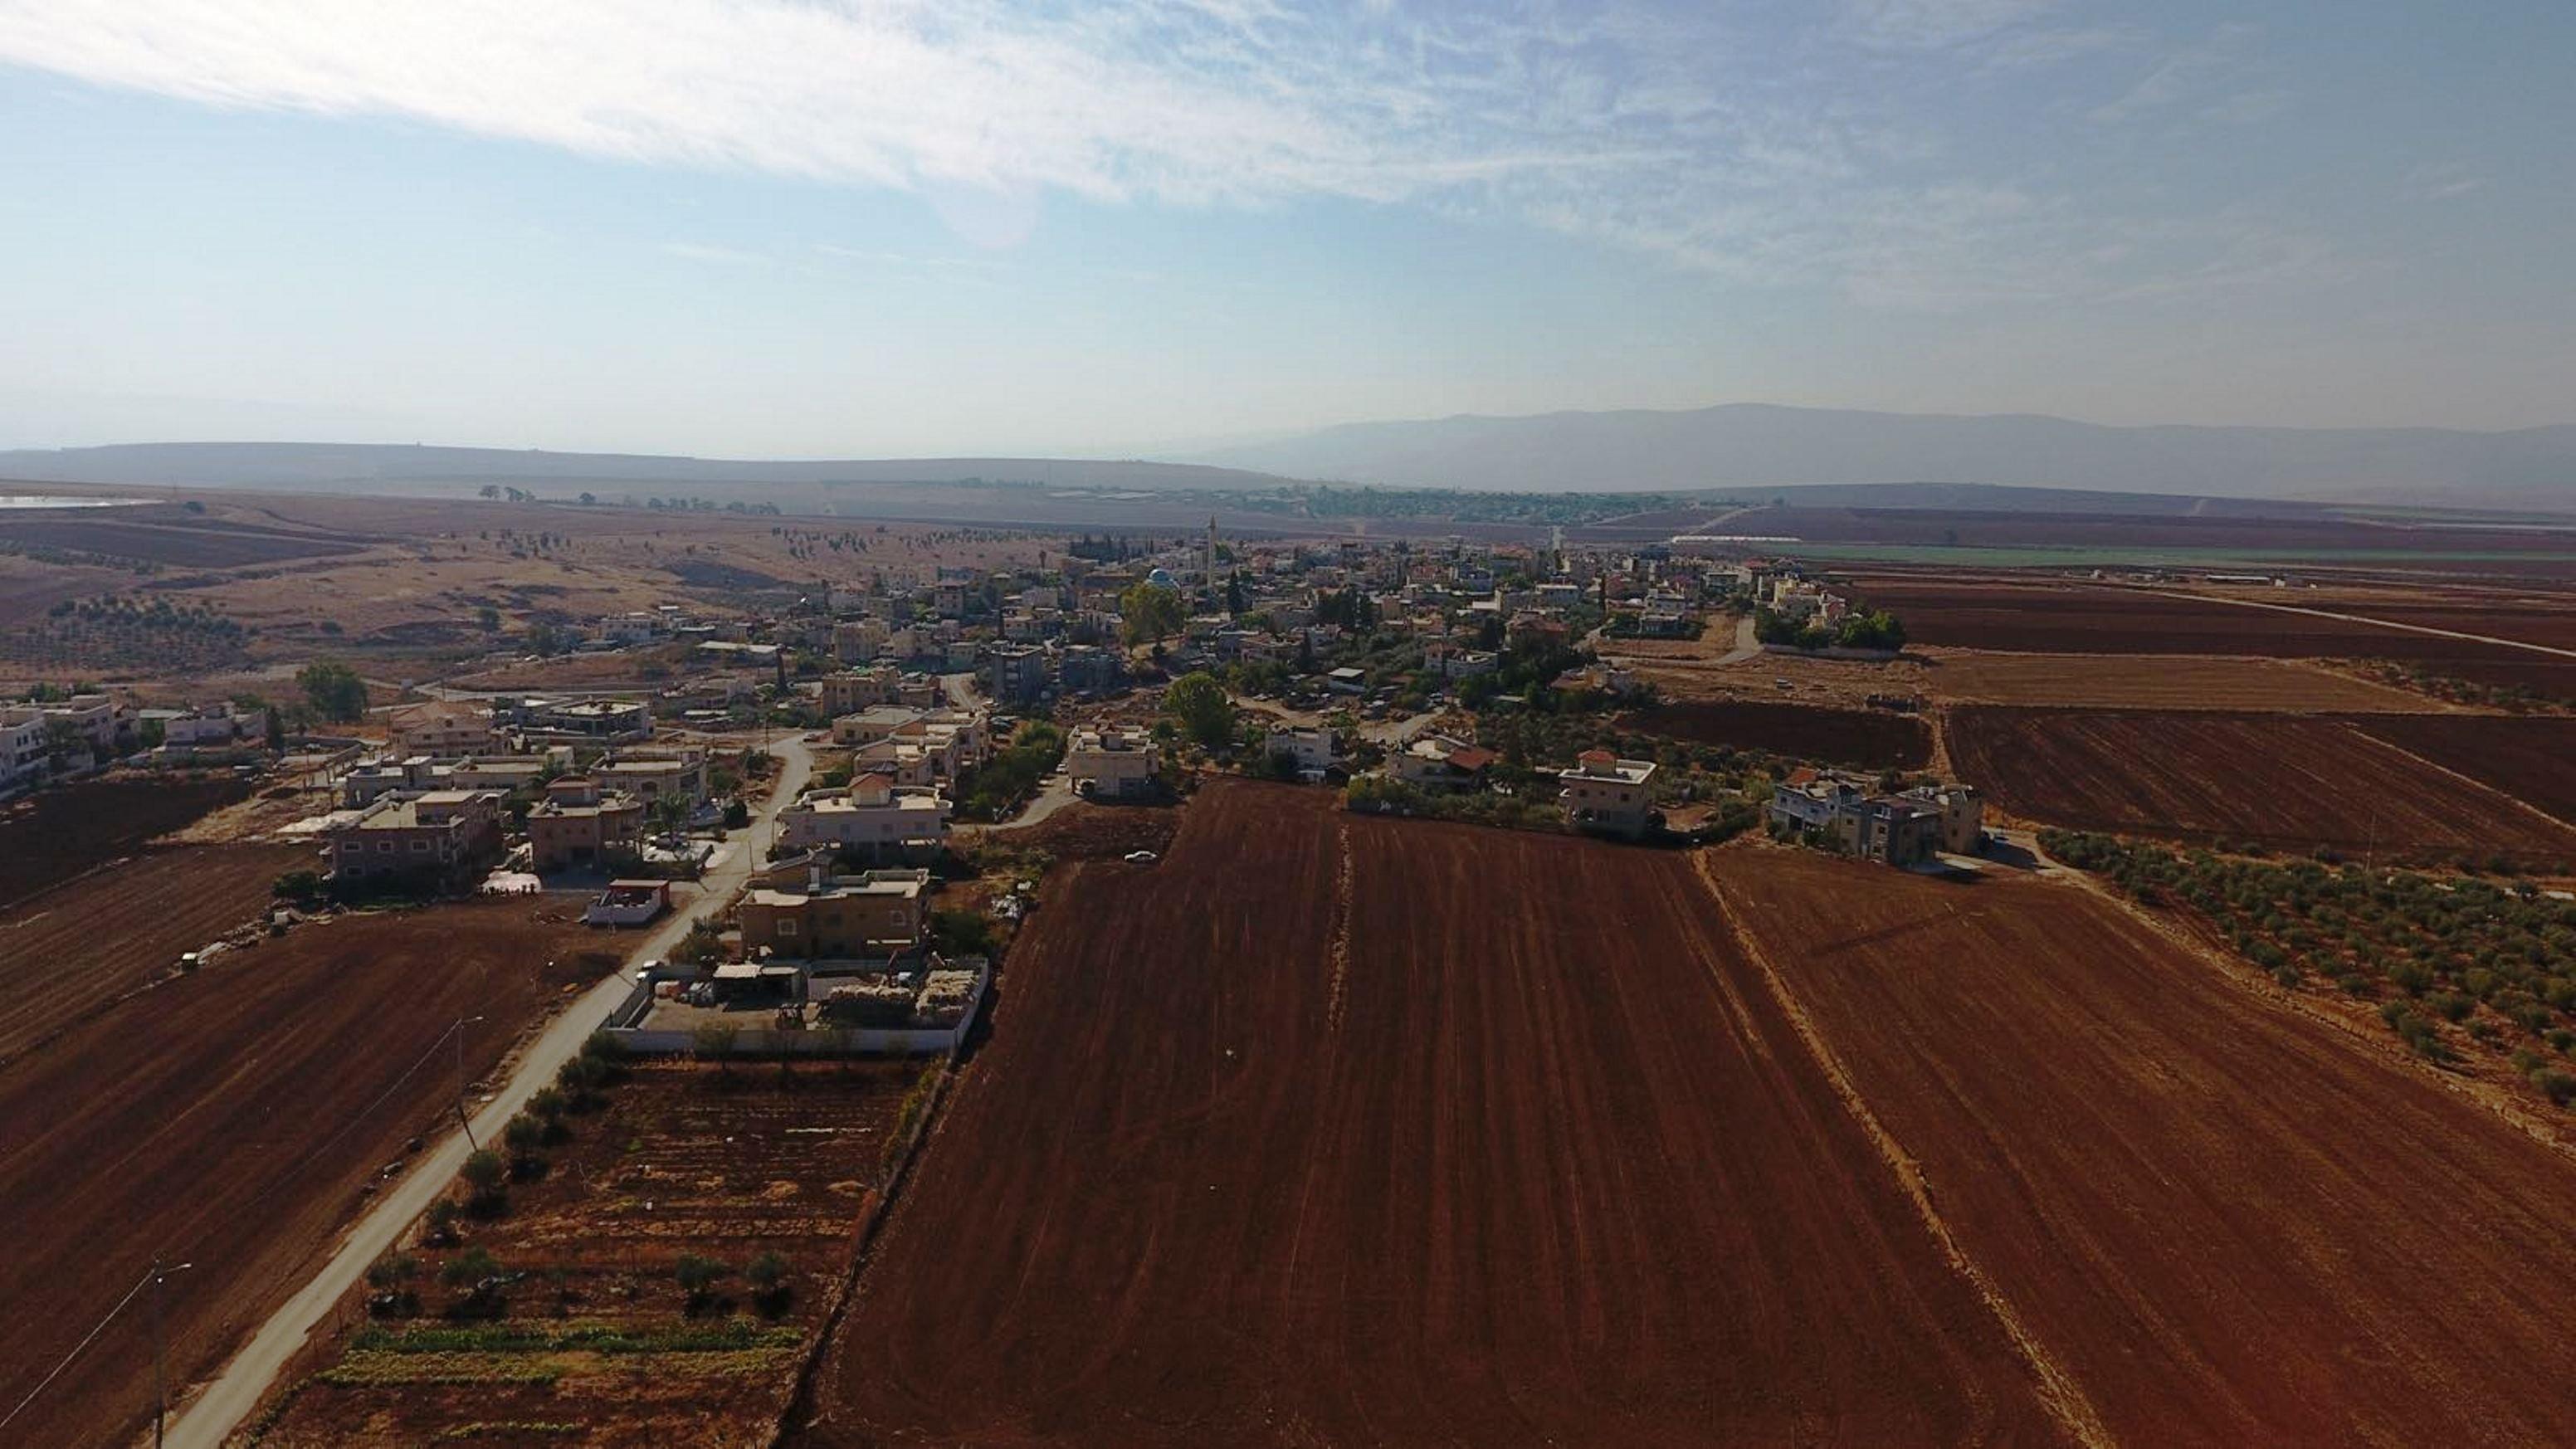 مشروع هام بالجلبوع لحماية الأراضي الزراعية في الطيبة الزعبية وتطويرها